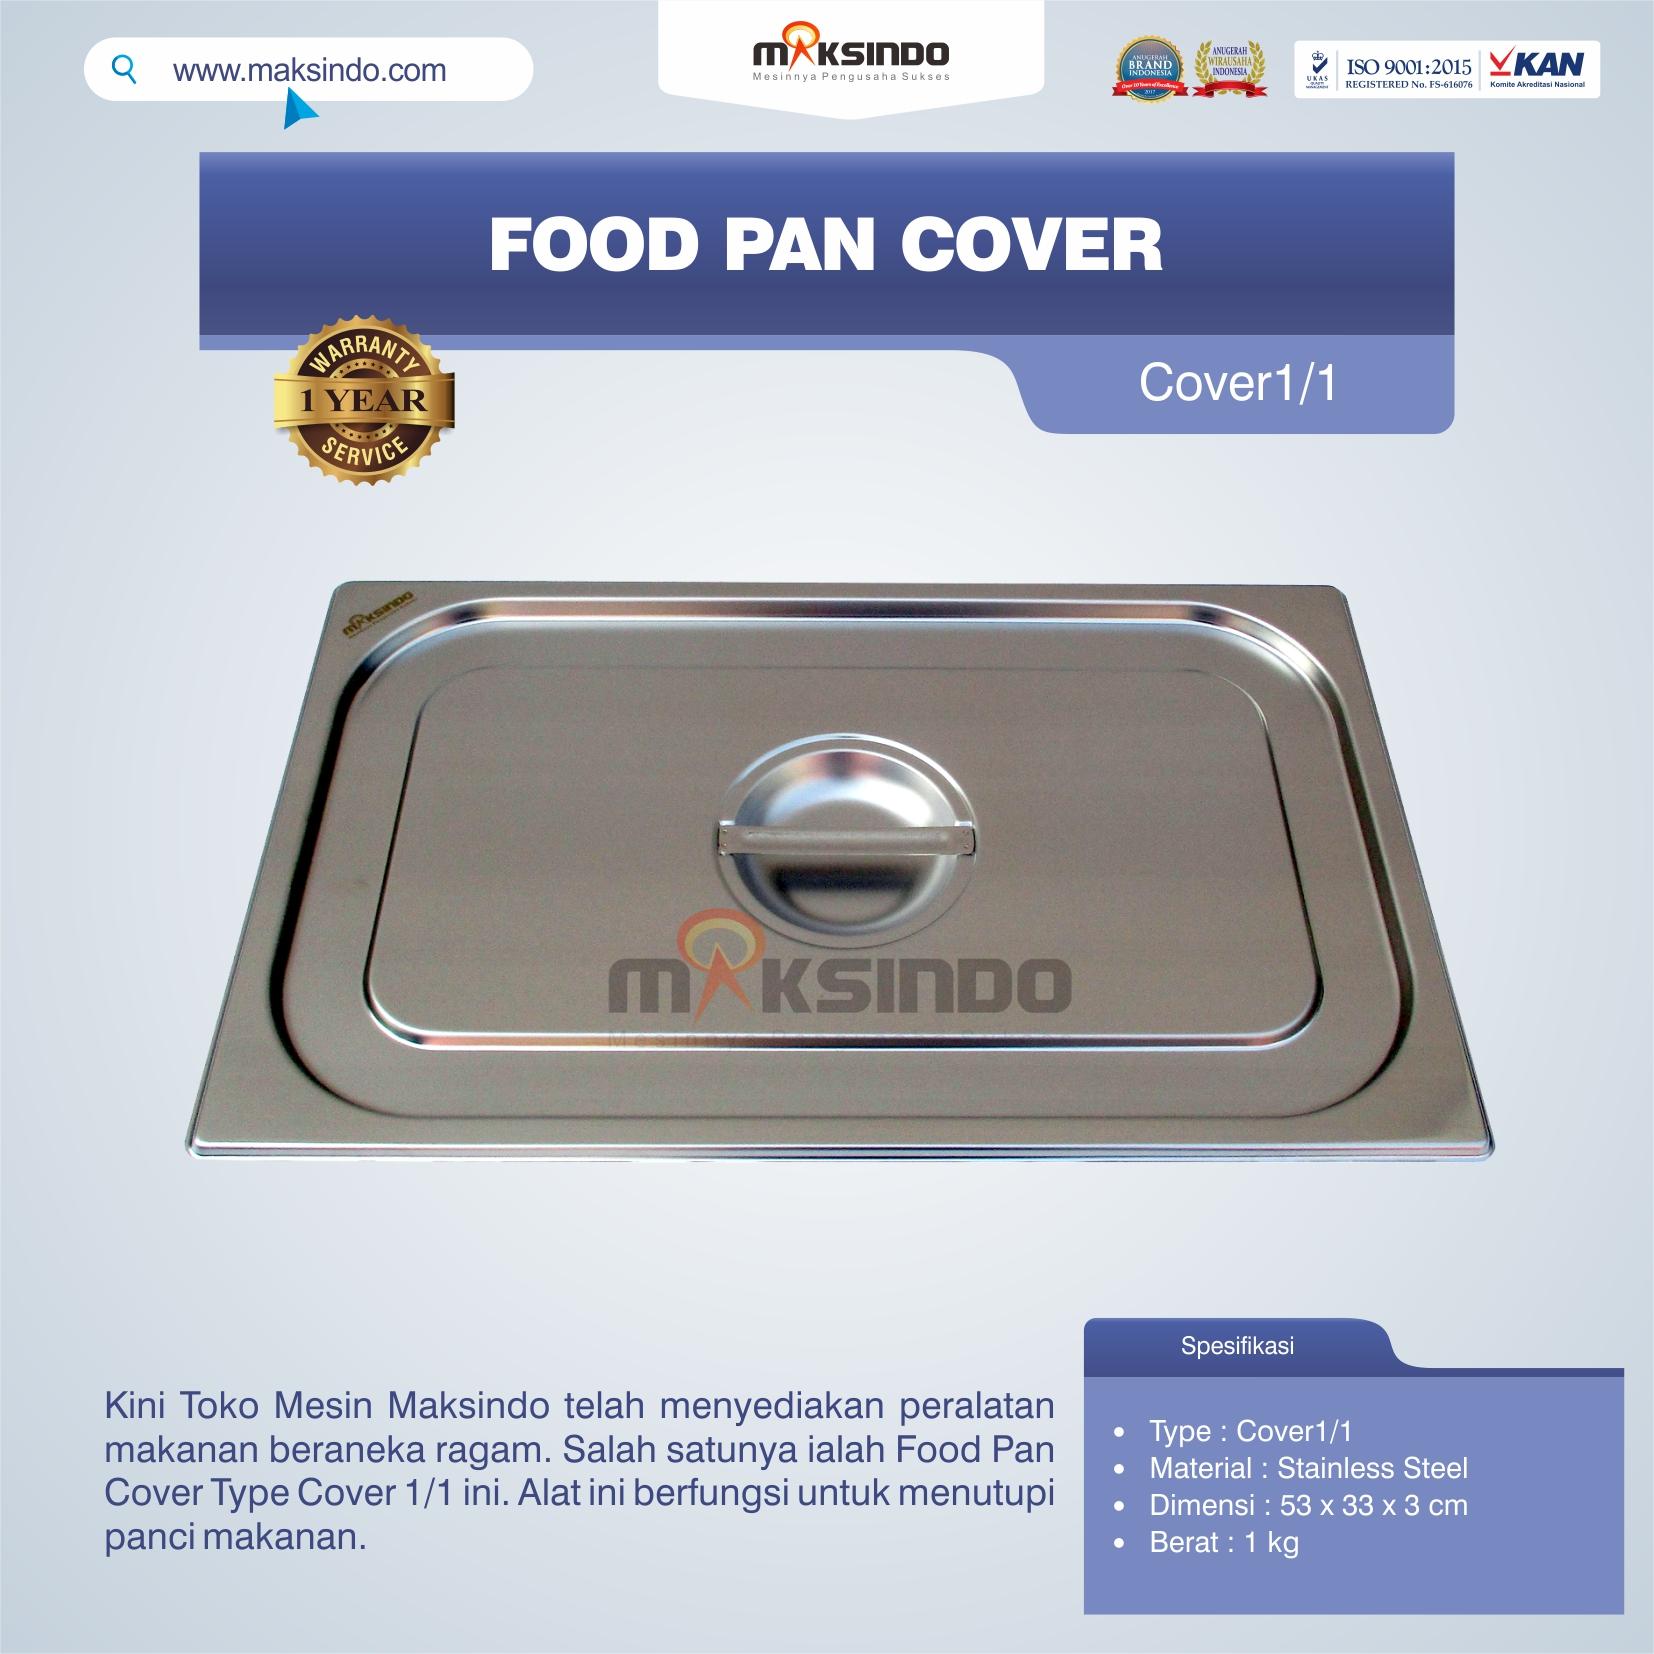 Jual Food Pan Cover Type Cover1/1 di Pekanbaru